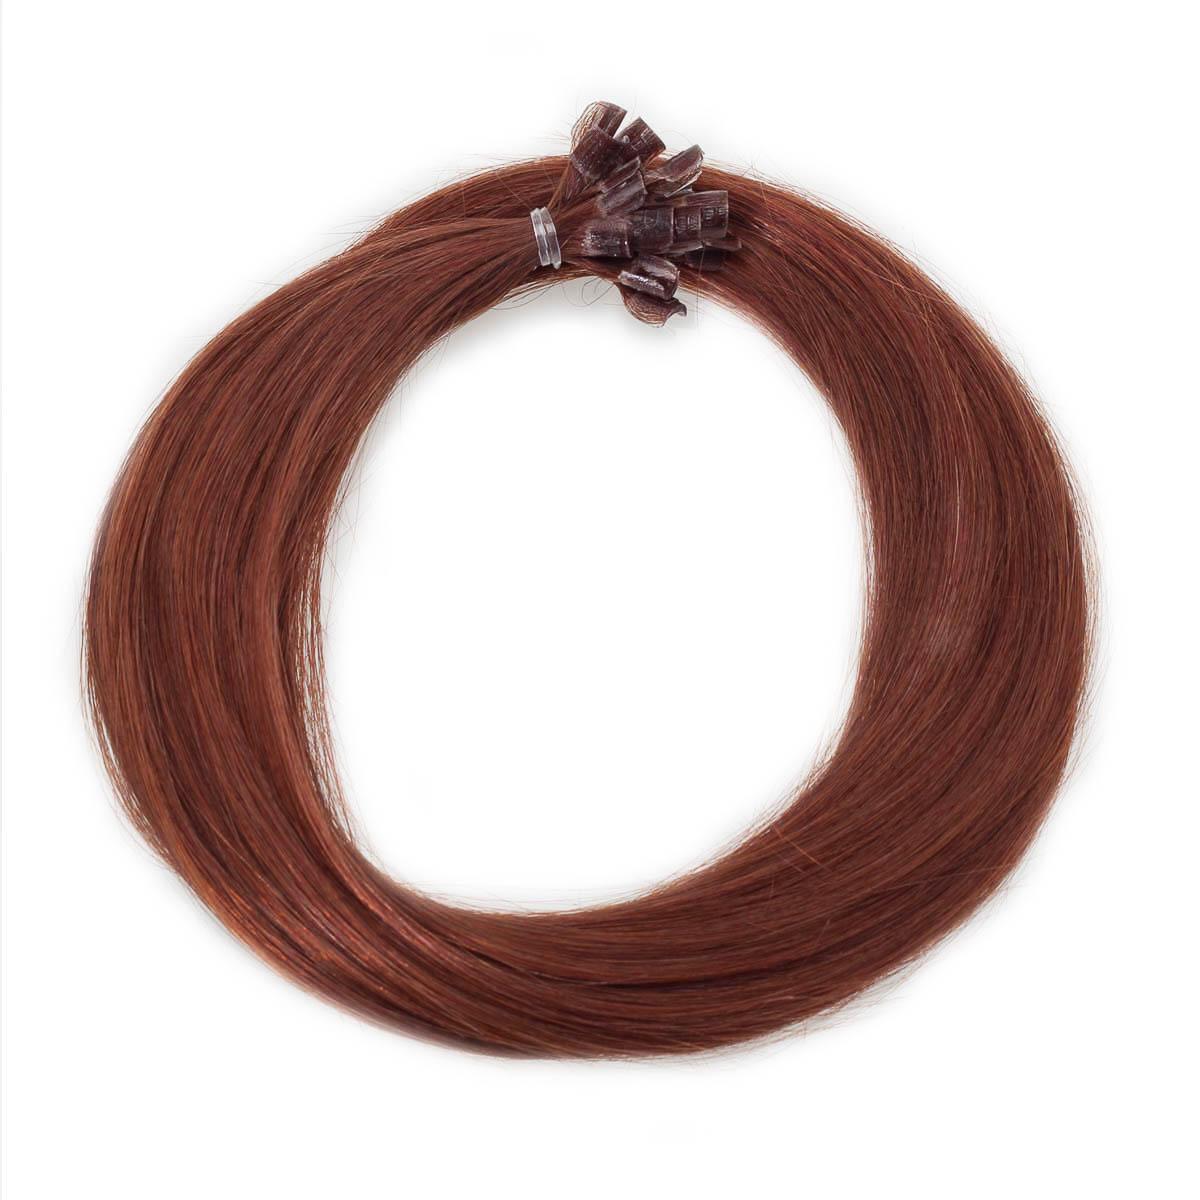 Nail Hair Original 5.5 Mahogany Brown 60 cm